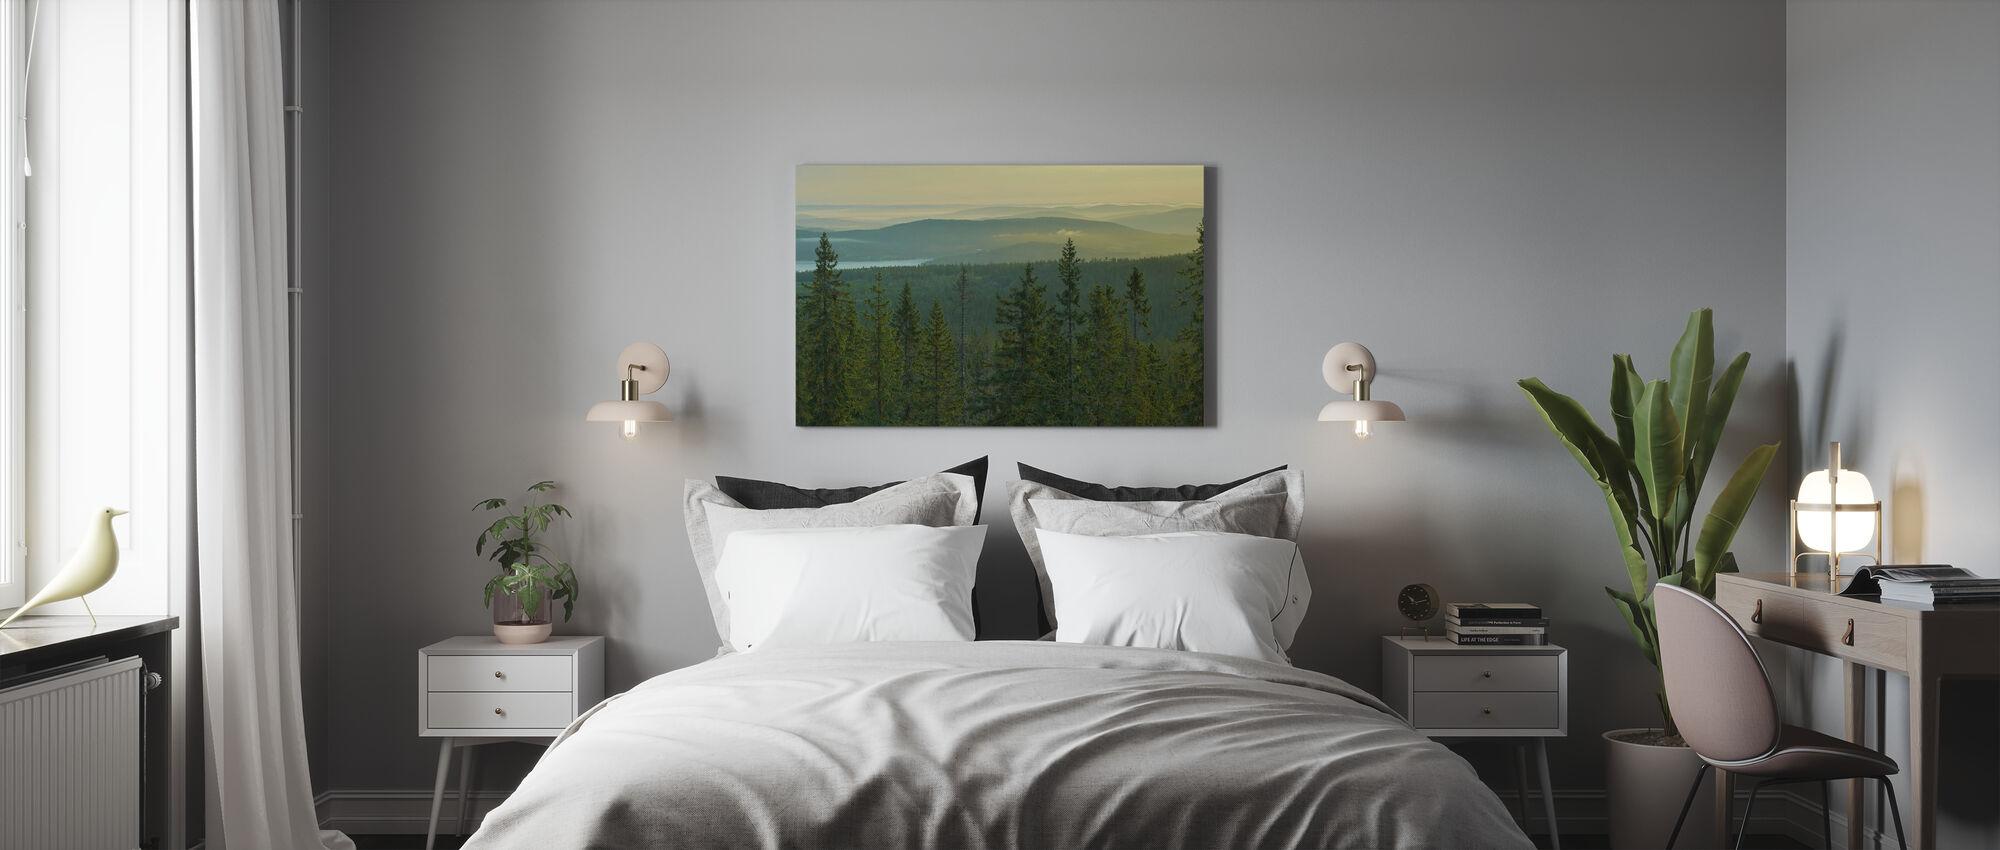 Spruce Tops in Skuleskogen National Park, Sweden - Canvas print - Bedroom